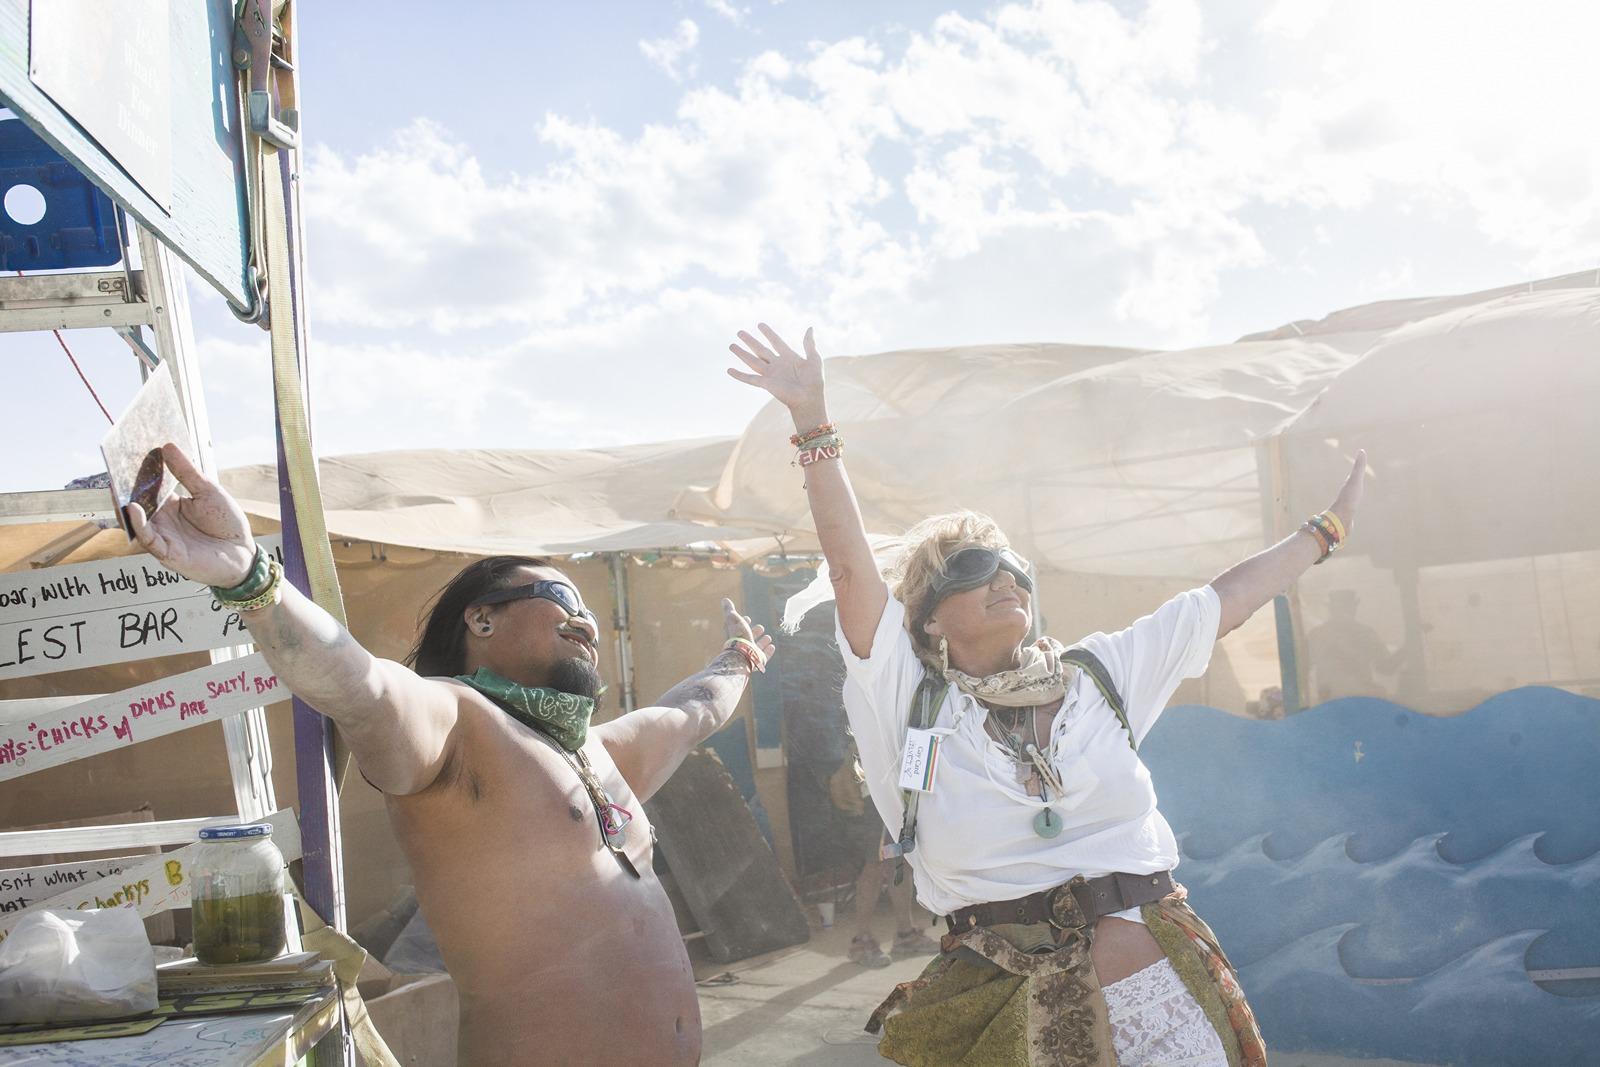 Burning Man - Enjoying the sandstorm